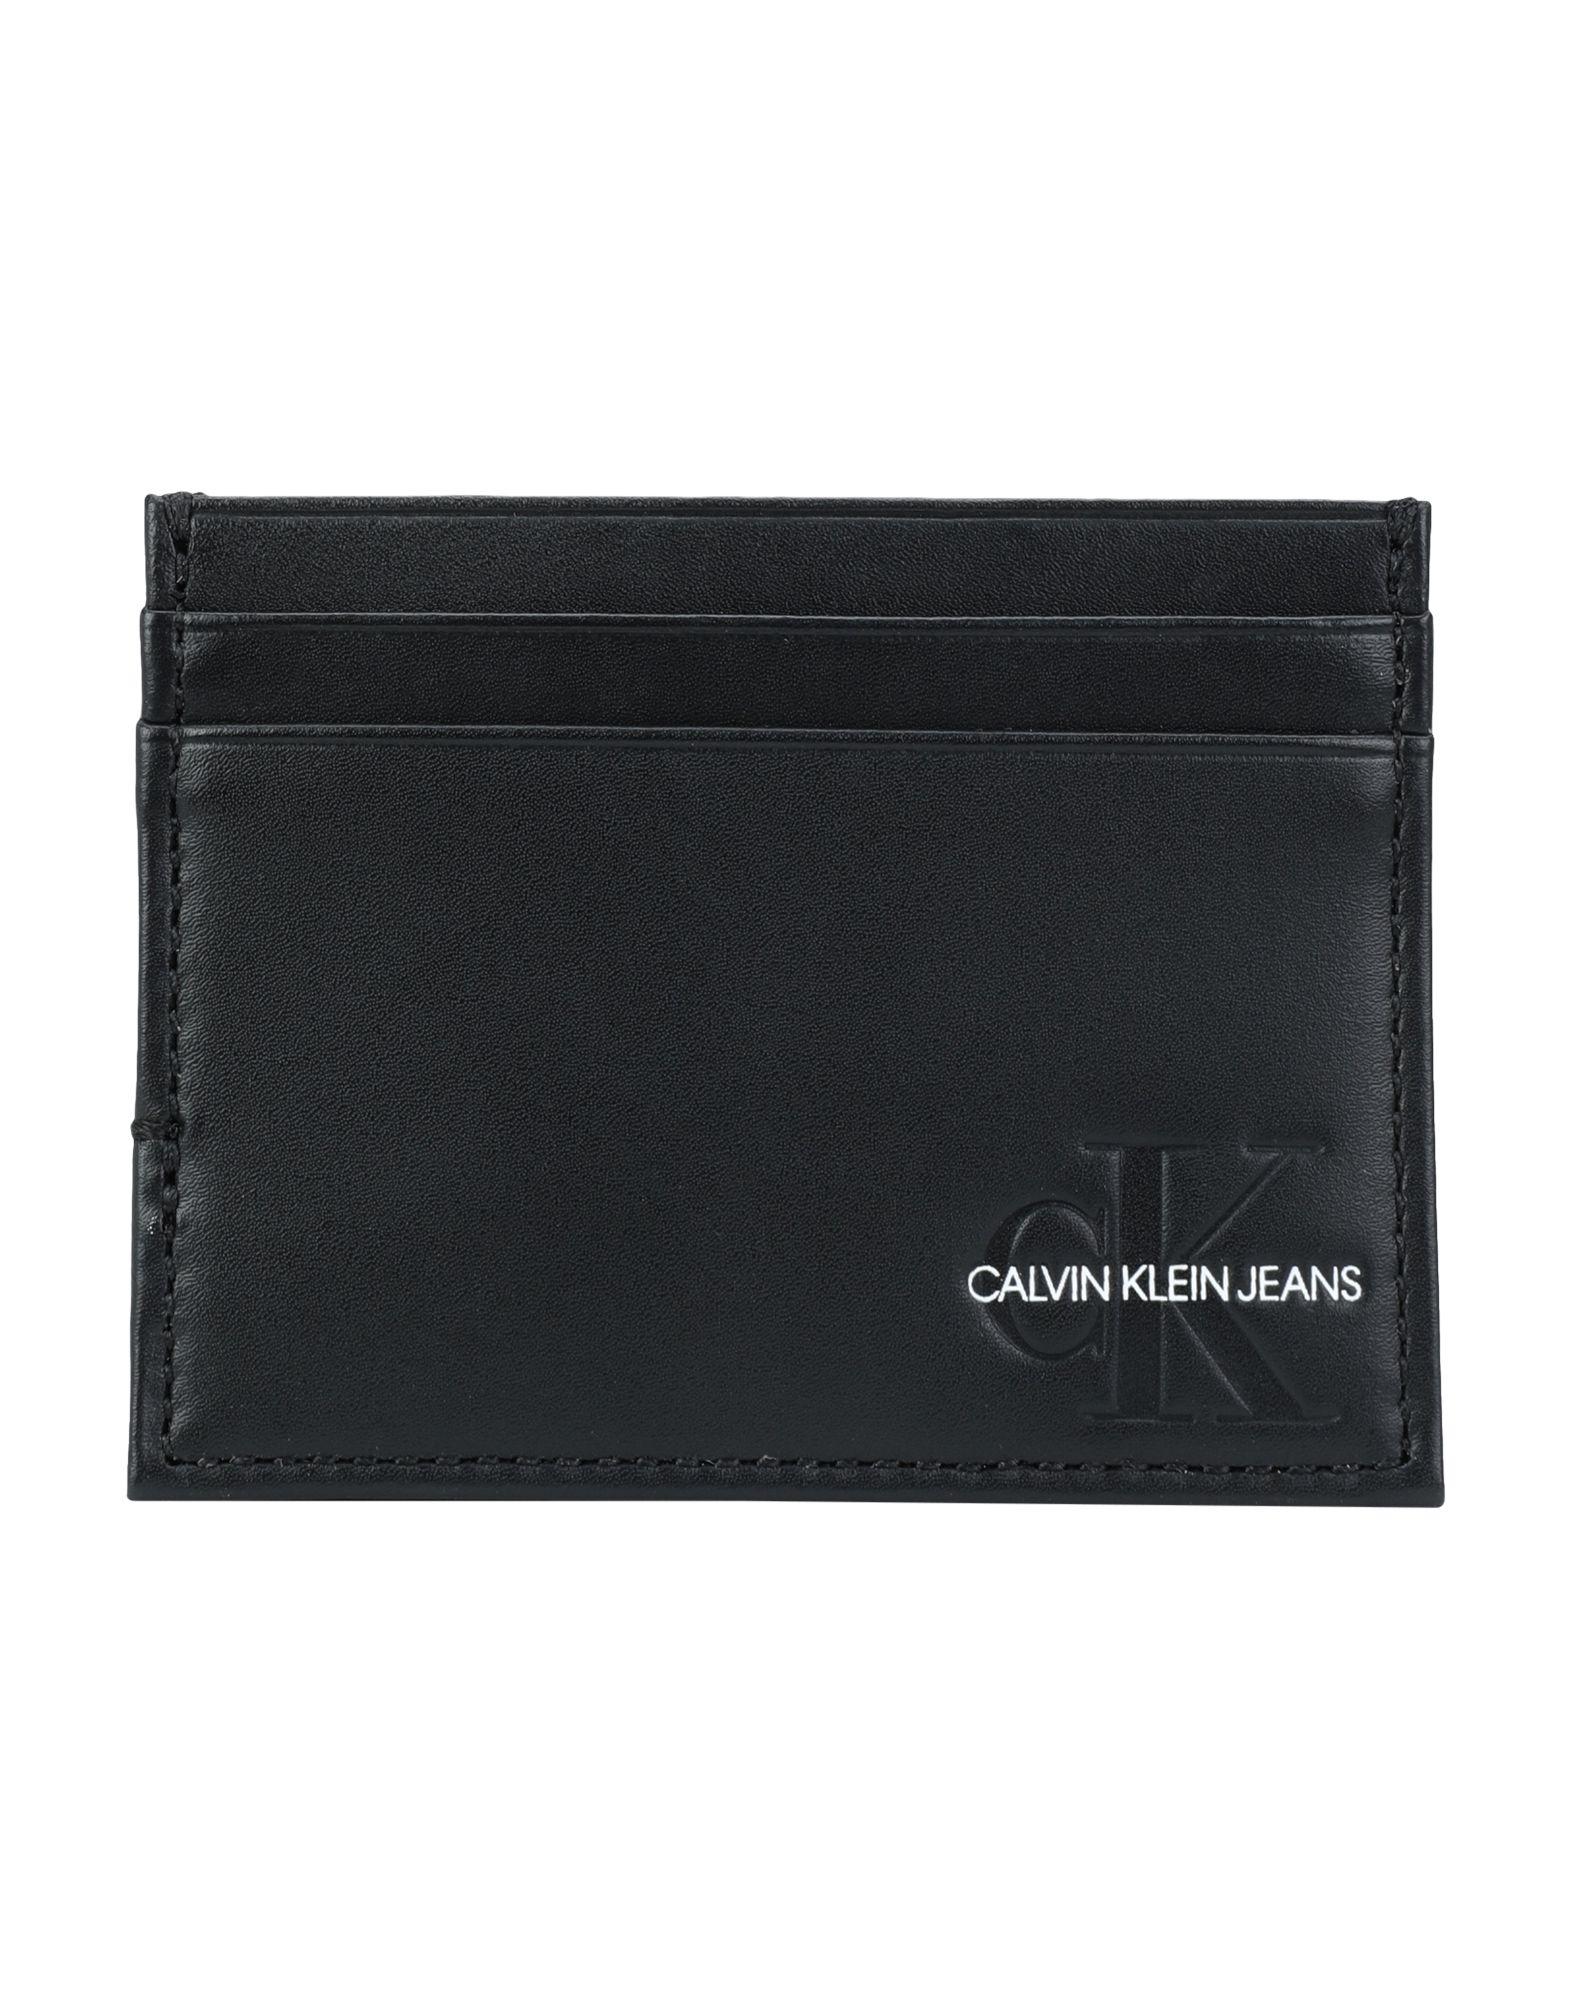 《期間限定セール開催中!》CALVIN KLEIN JEANS メンズ ドキュメントホルダー ブラック 柔らかめの牛革 100% MONOGRAM CARDHOLDER